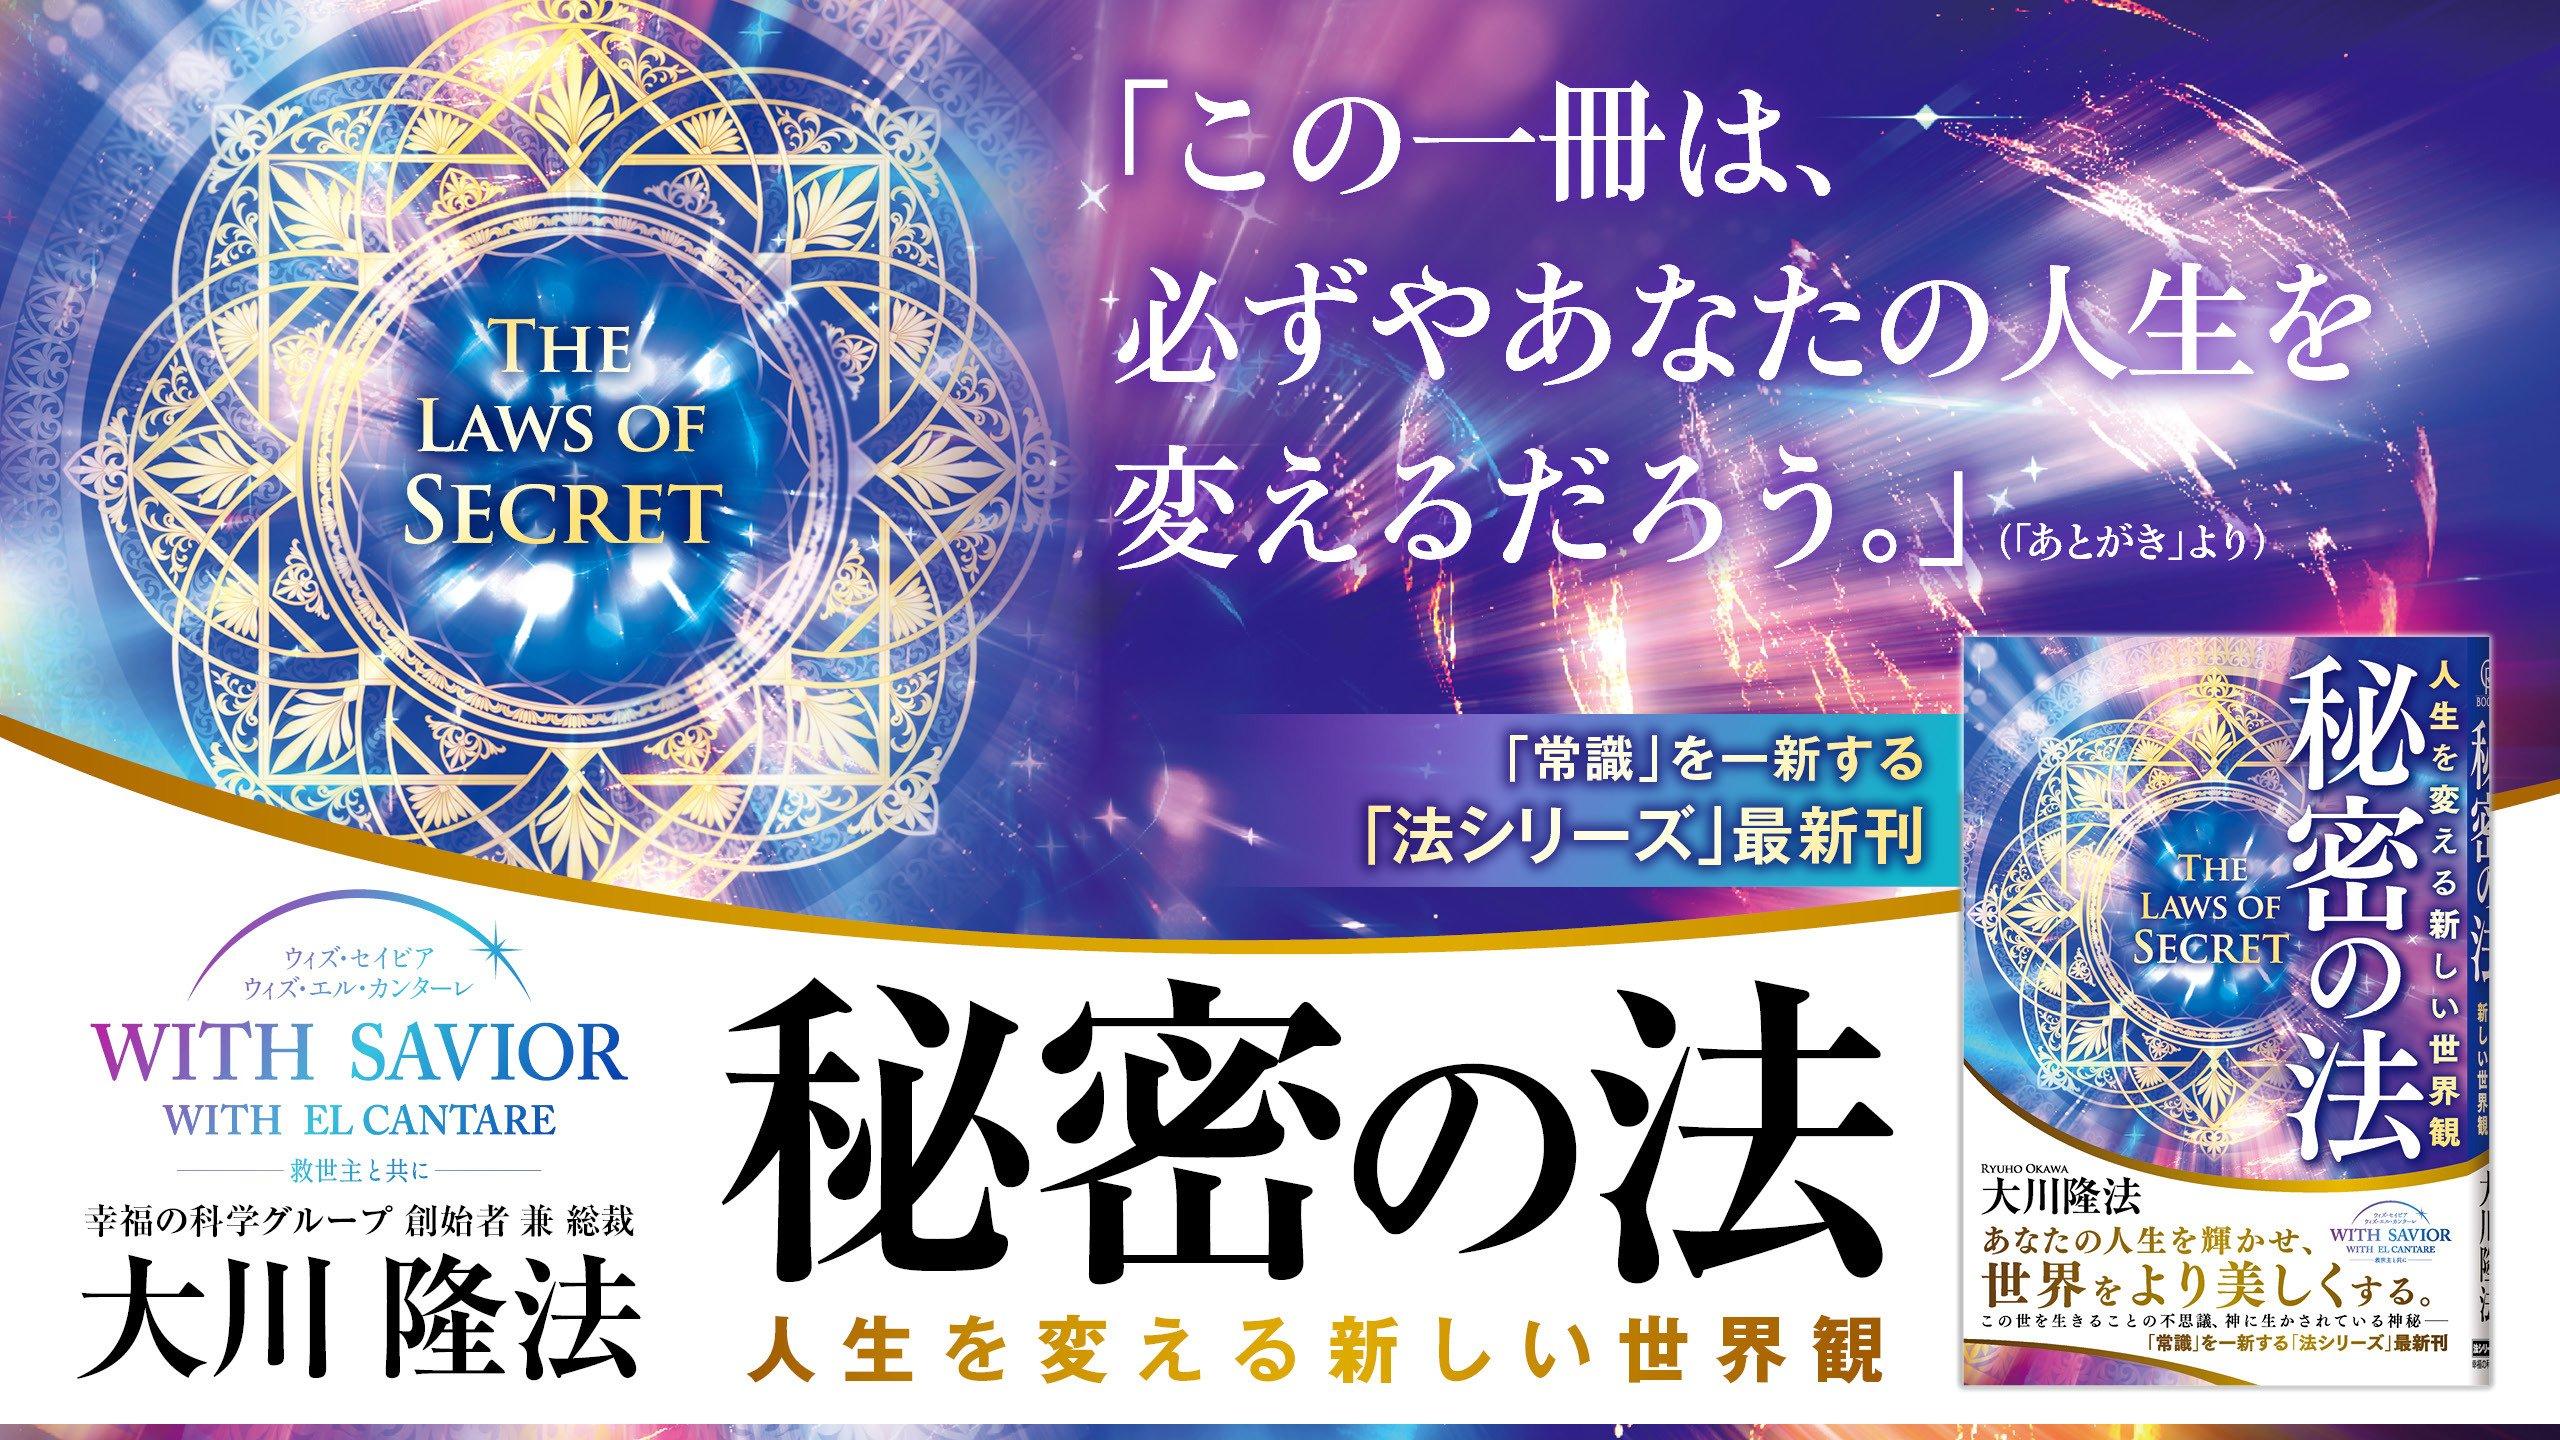 秘密の法カルーセルバナー.jpg